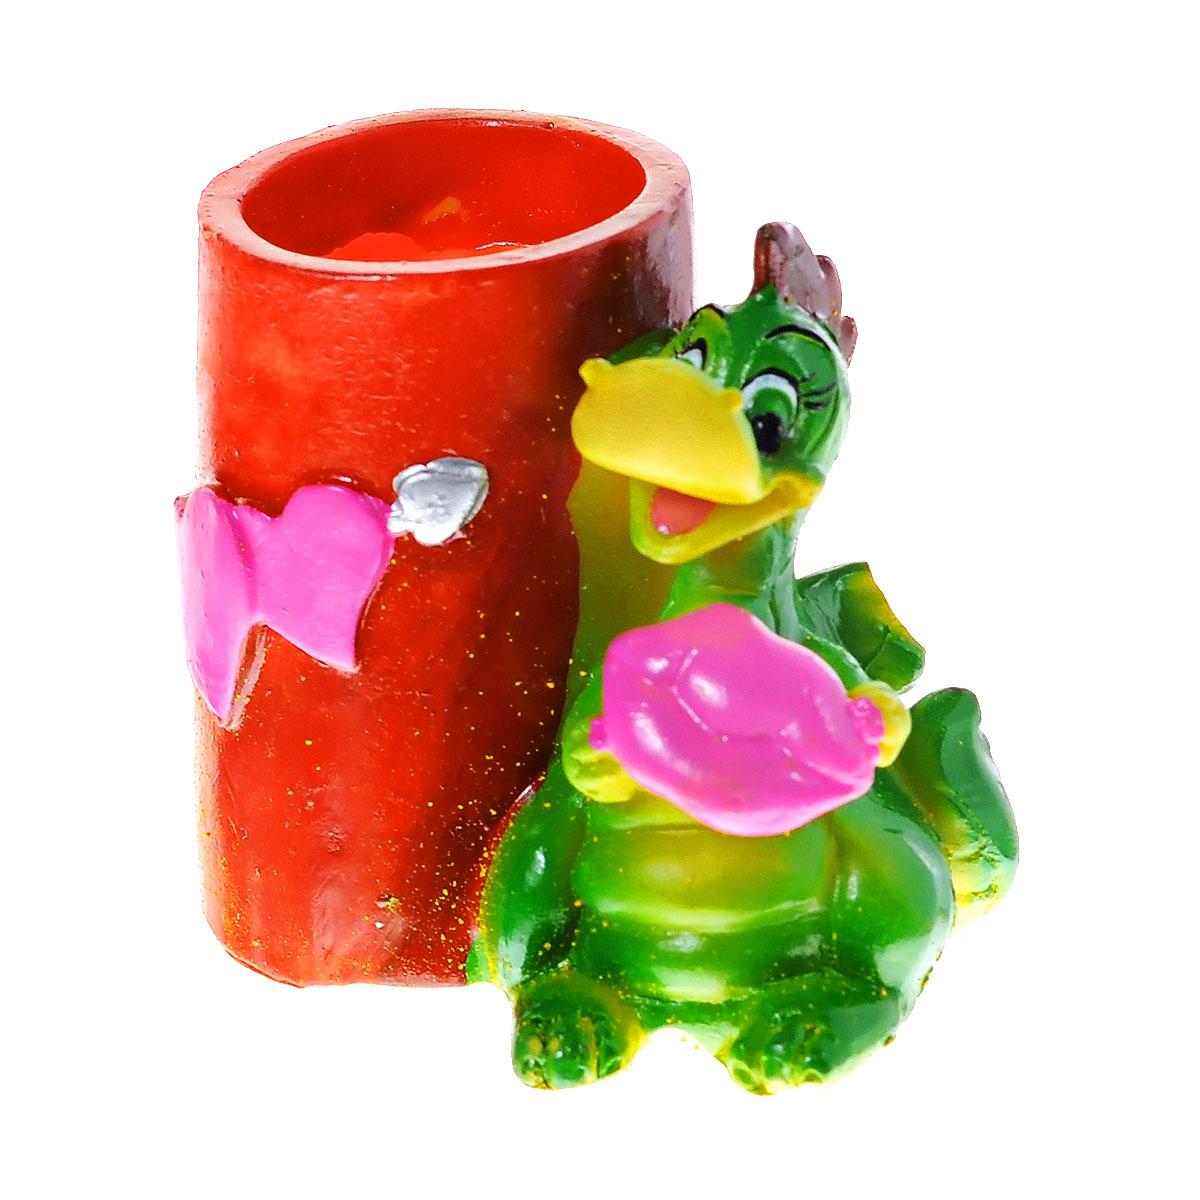 Подставка под зубочистки Lunten Ranta Влюбленный дракон, цвет: зеленый, красный. 5987354 009312Подставка под зубочистки Lunten Ranta Влюбленный дракон изготовлена из полирезины. Изделие выполнено в форме дракона и стаканчика под зубочистки. Такая подставка под зубочистки станет не только приятным подарком, но и практичным сувениром.